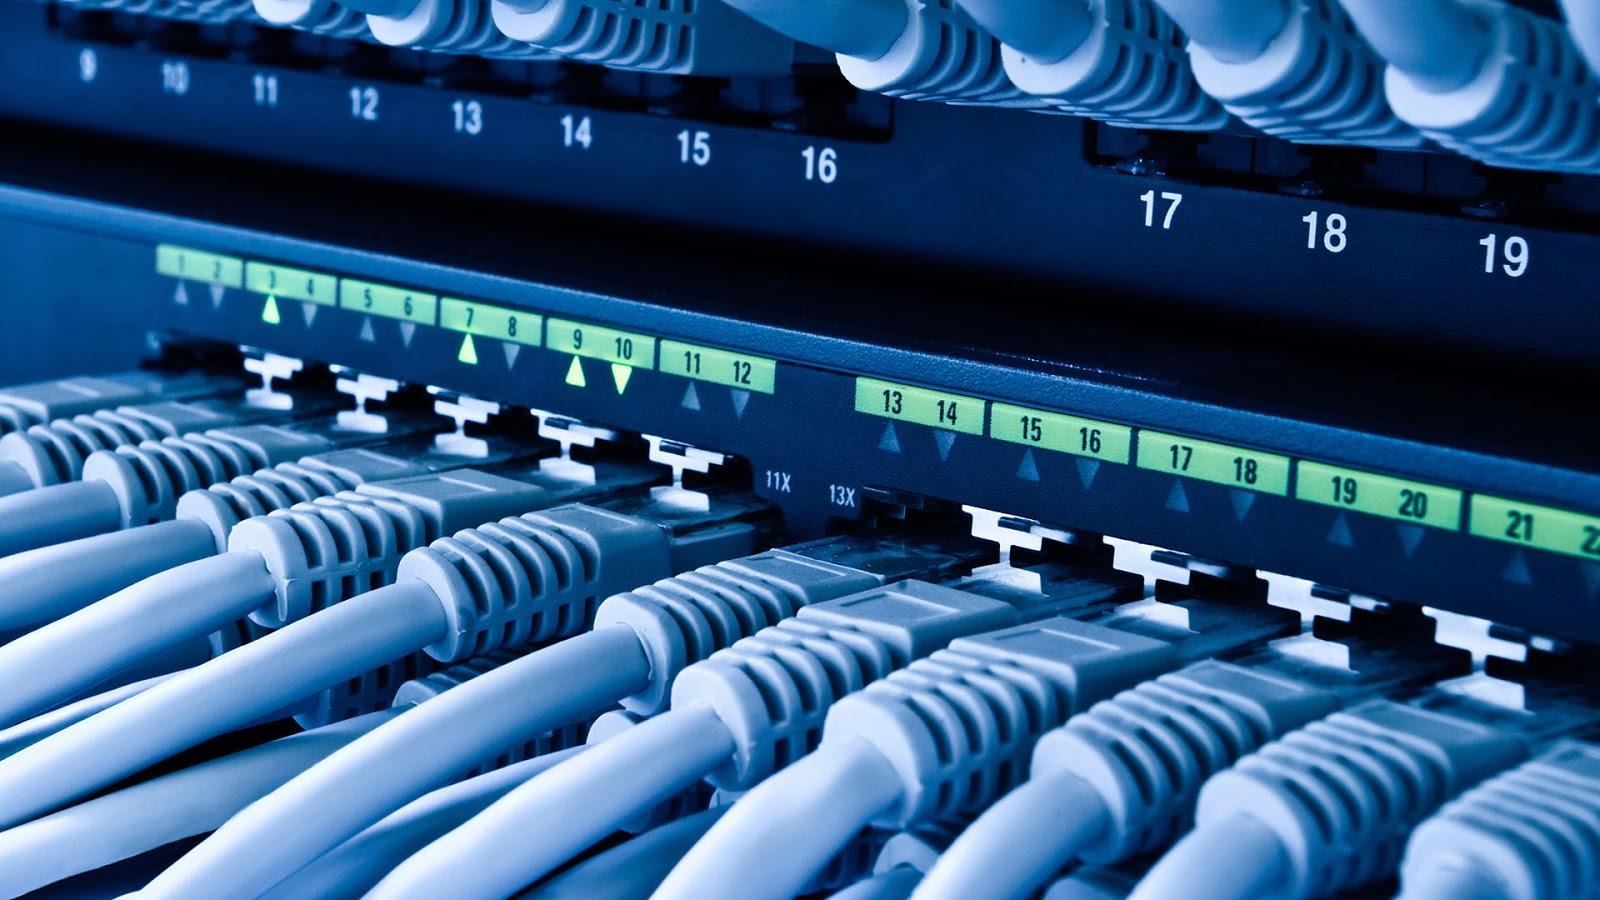 10 bộ định tuyến hàng đầu năm 2020 - Tận hưởng trải nghiệm duyệt Internet không rắc rối! 2